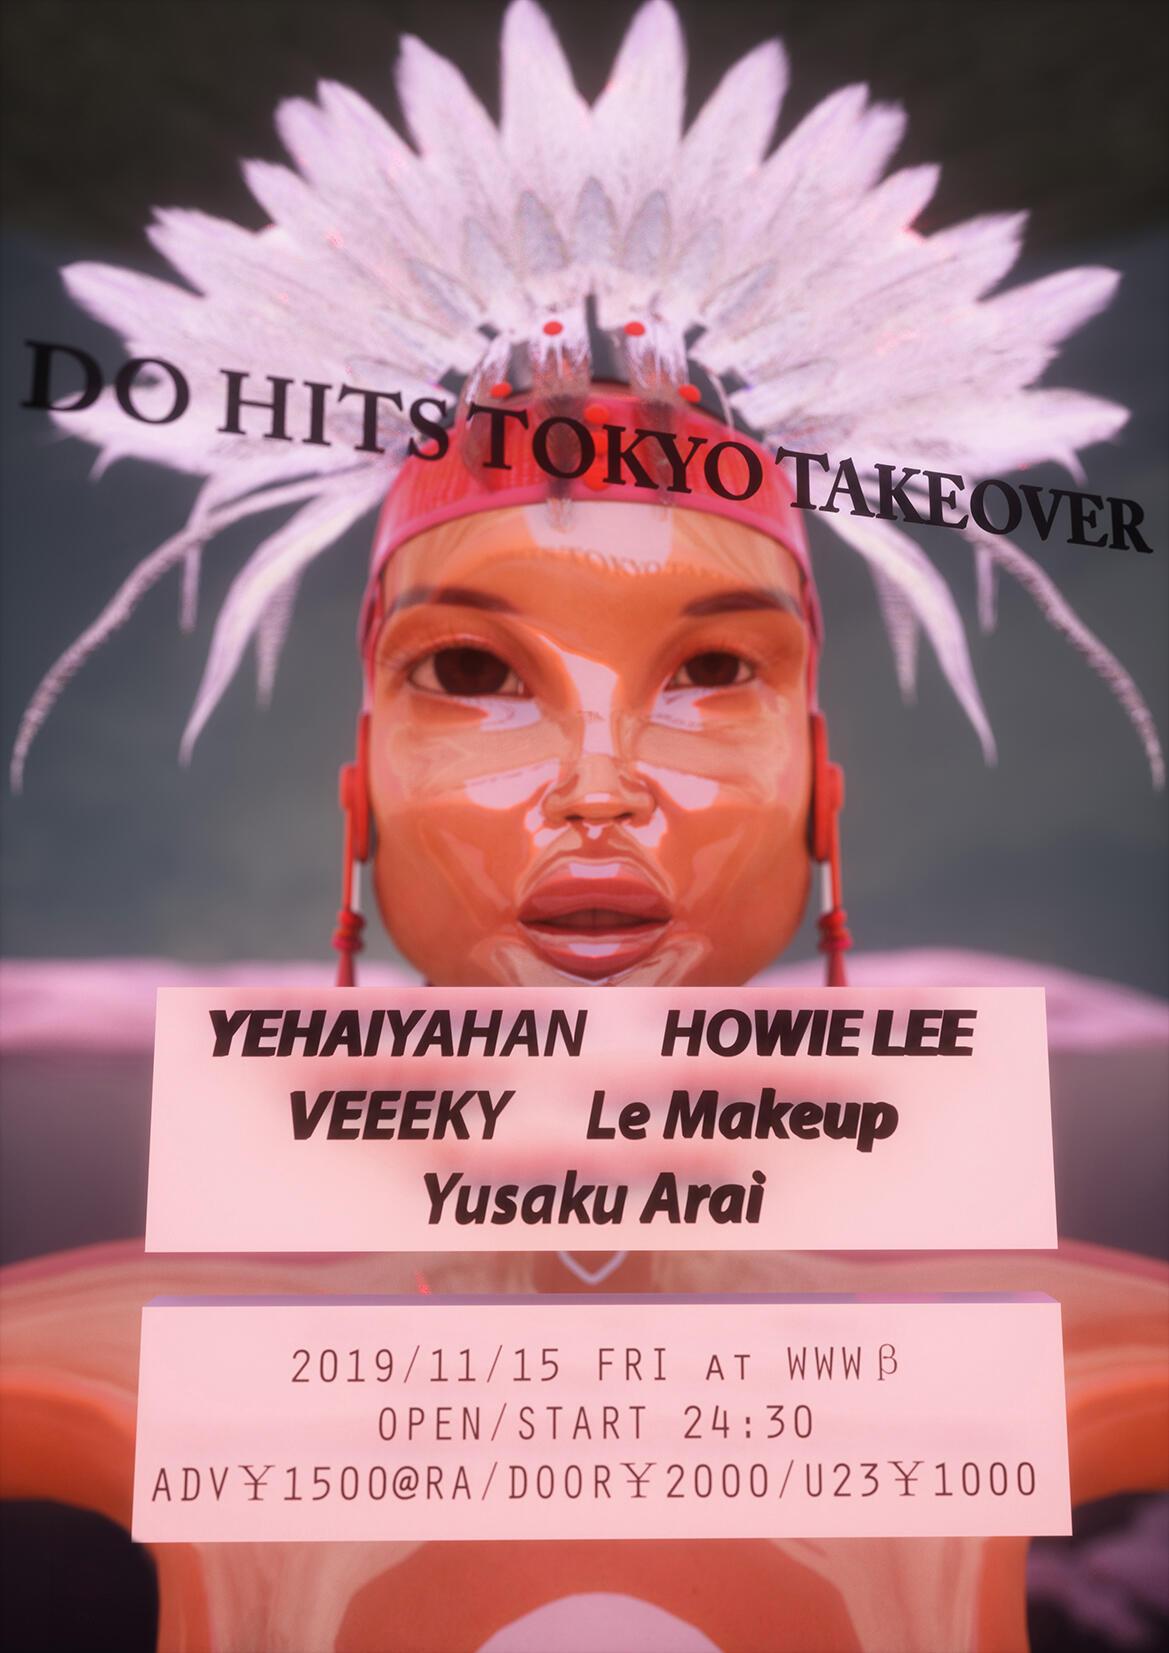 Howie Lee [Beijing] / YEHAIYAHAN [Shanghai] / Veeeky [SCV / Taipei] / Le Makeup [Pure Voyage] / Yusaku Arai